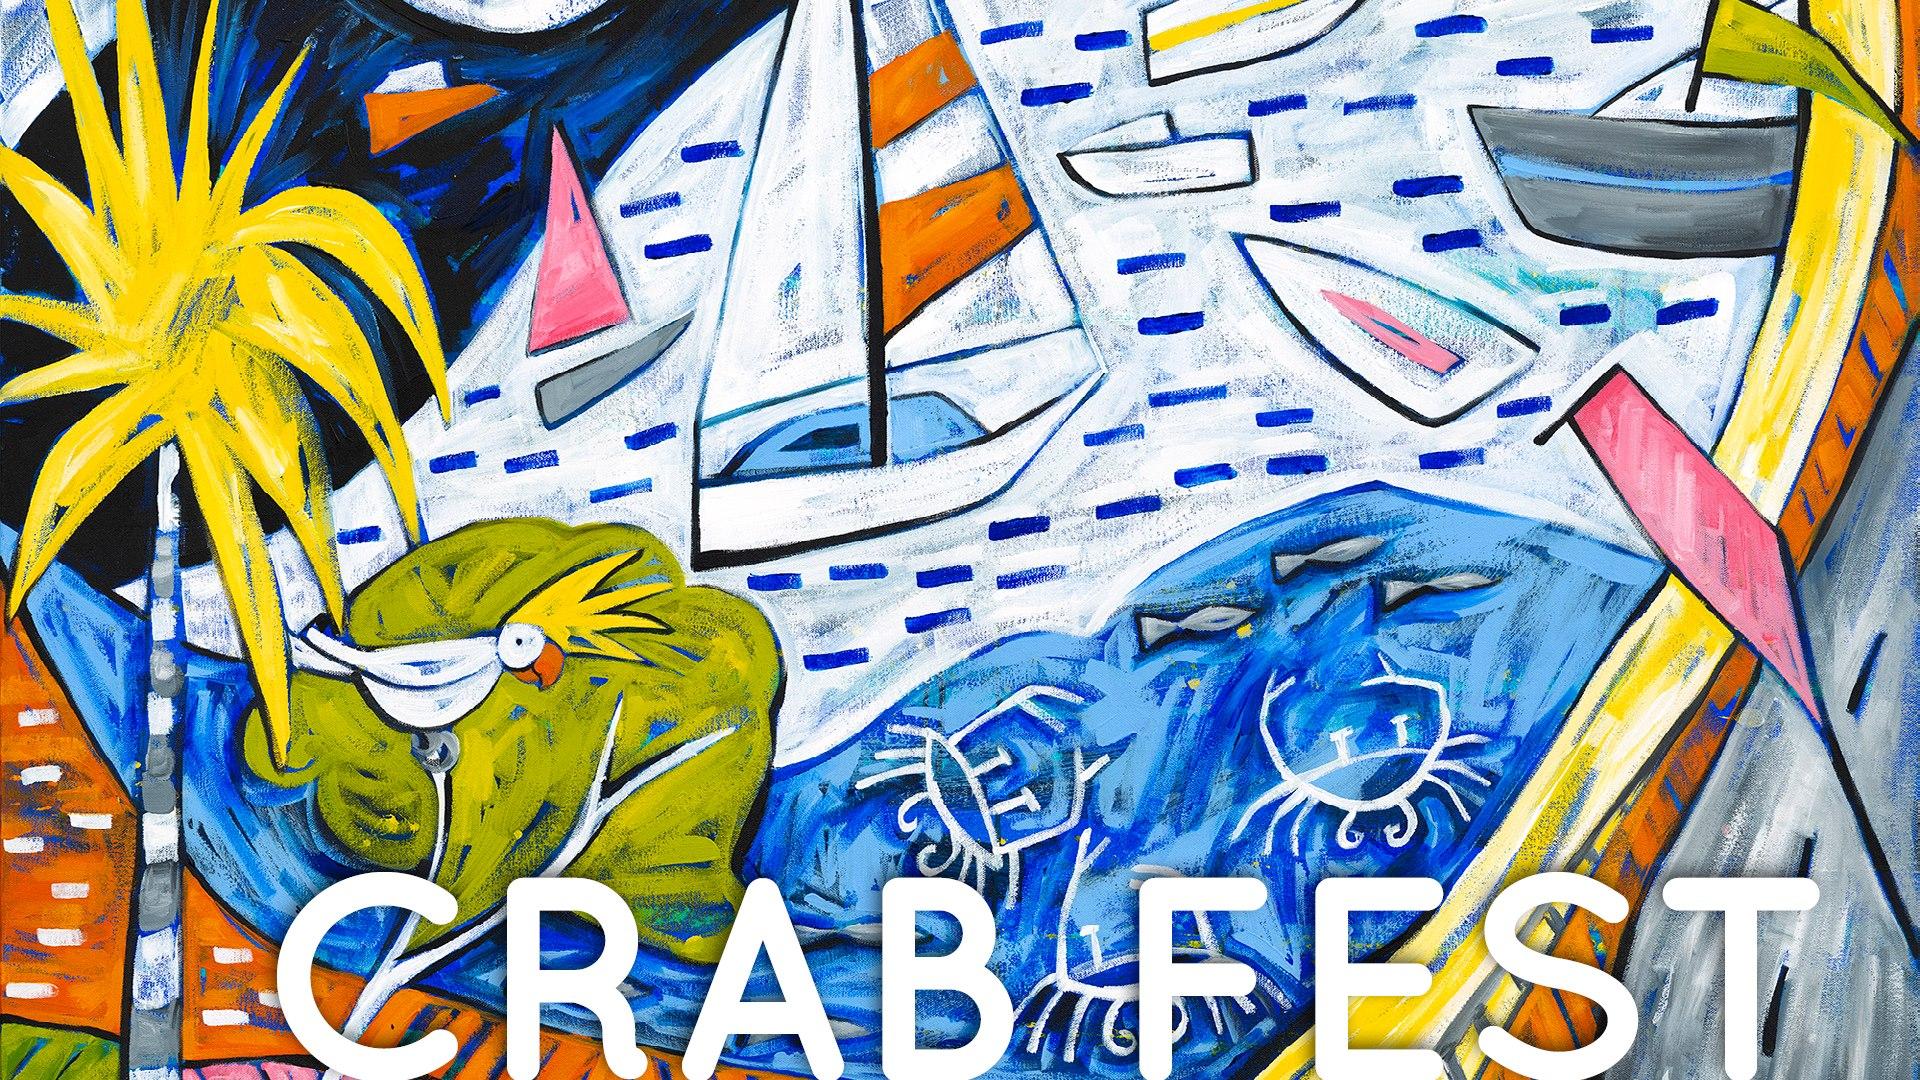 Crabfest [Mandurah, WA]